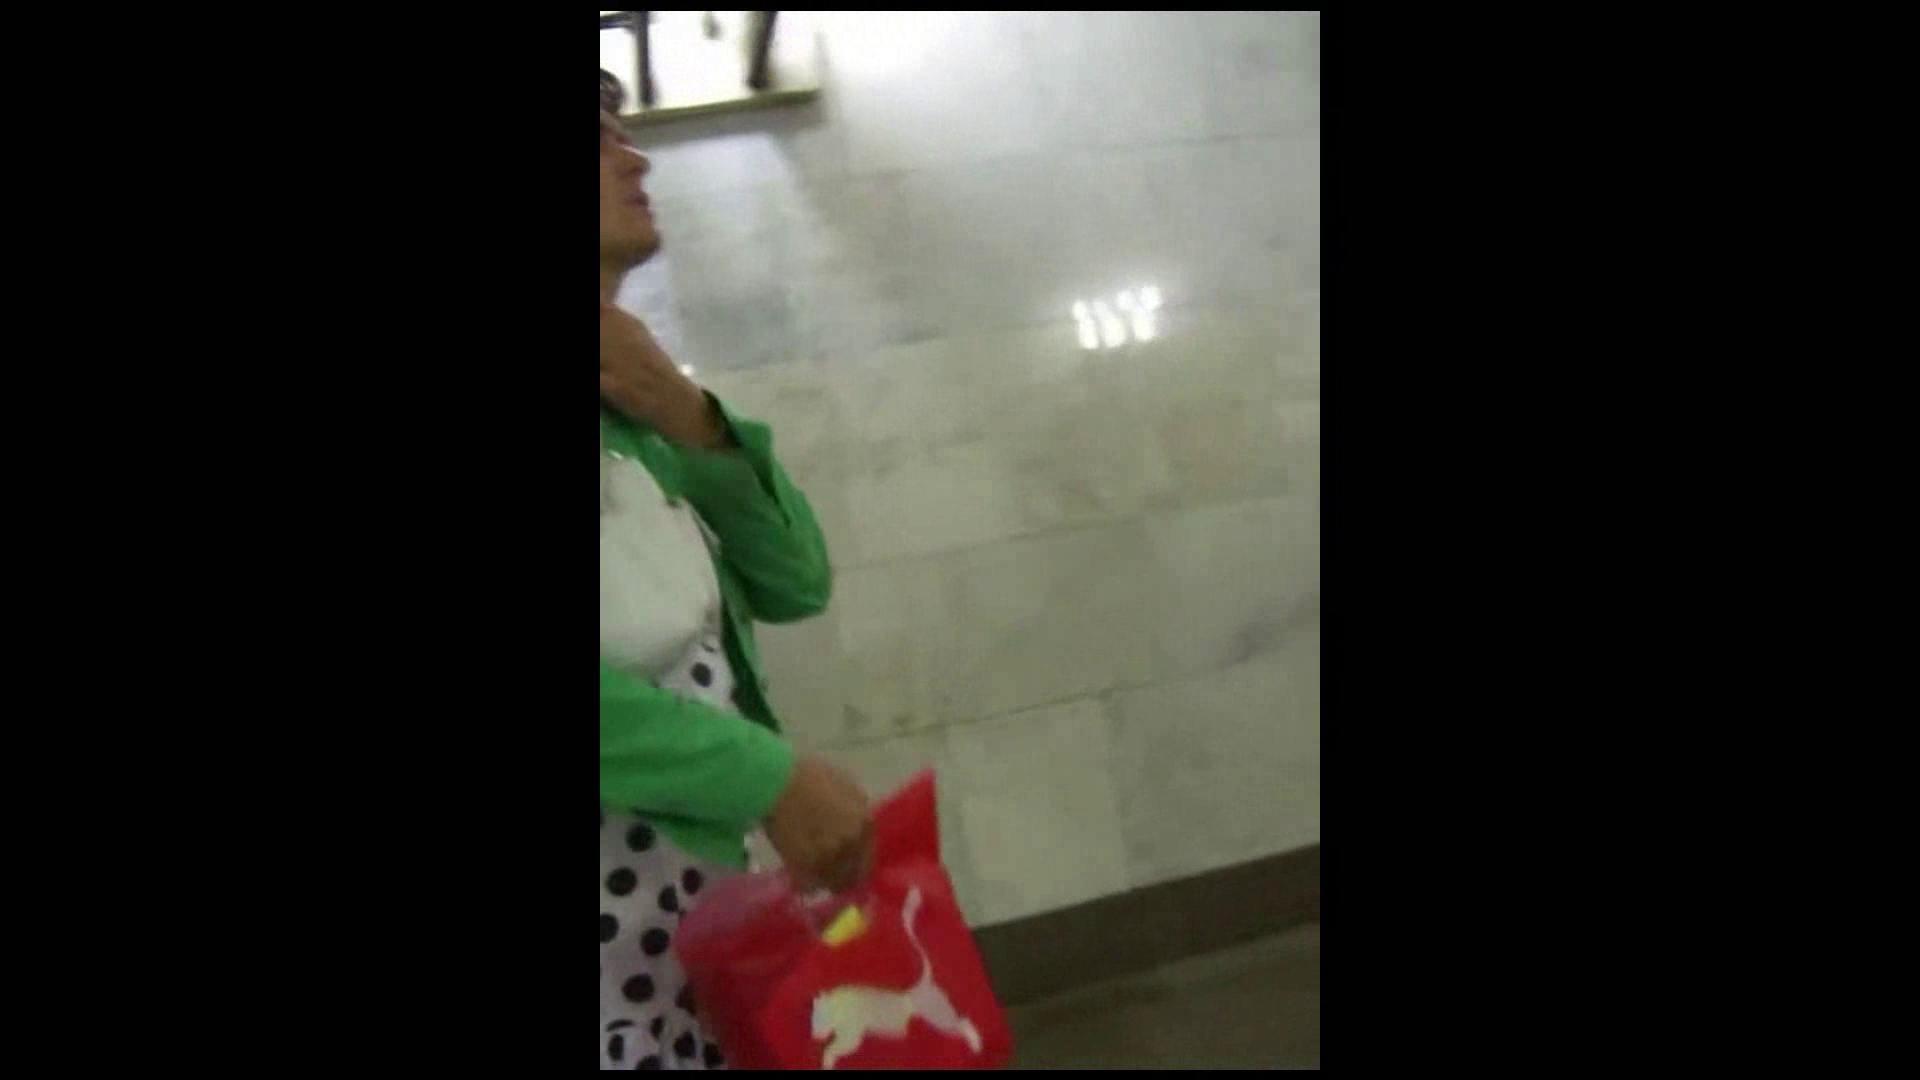 綺麗なモデルさんのスカート捲っちゃおう‼vol03 お姉さんのエロ動画  101PIX 40